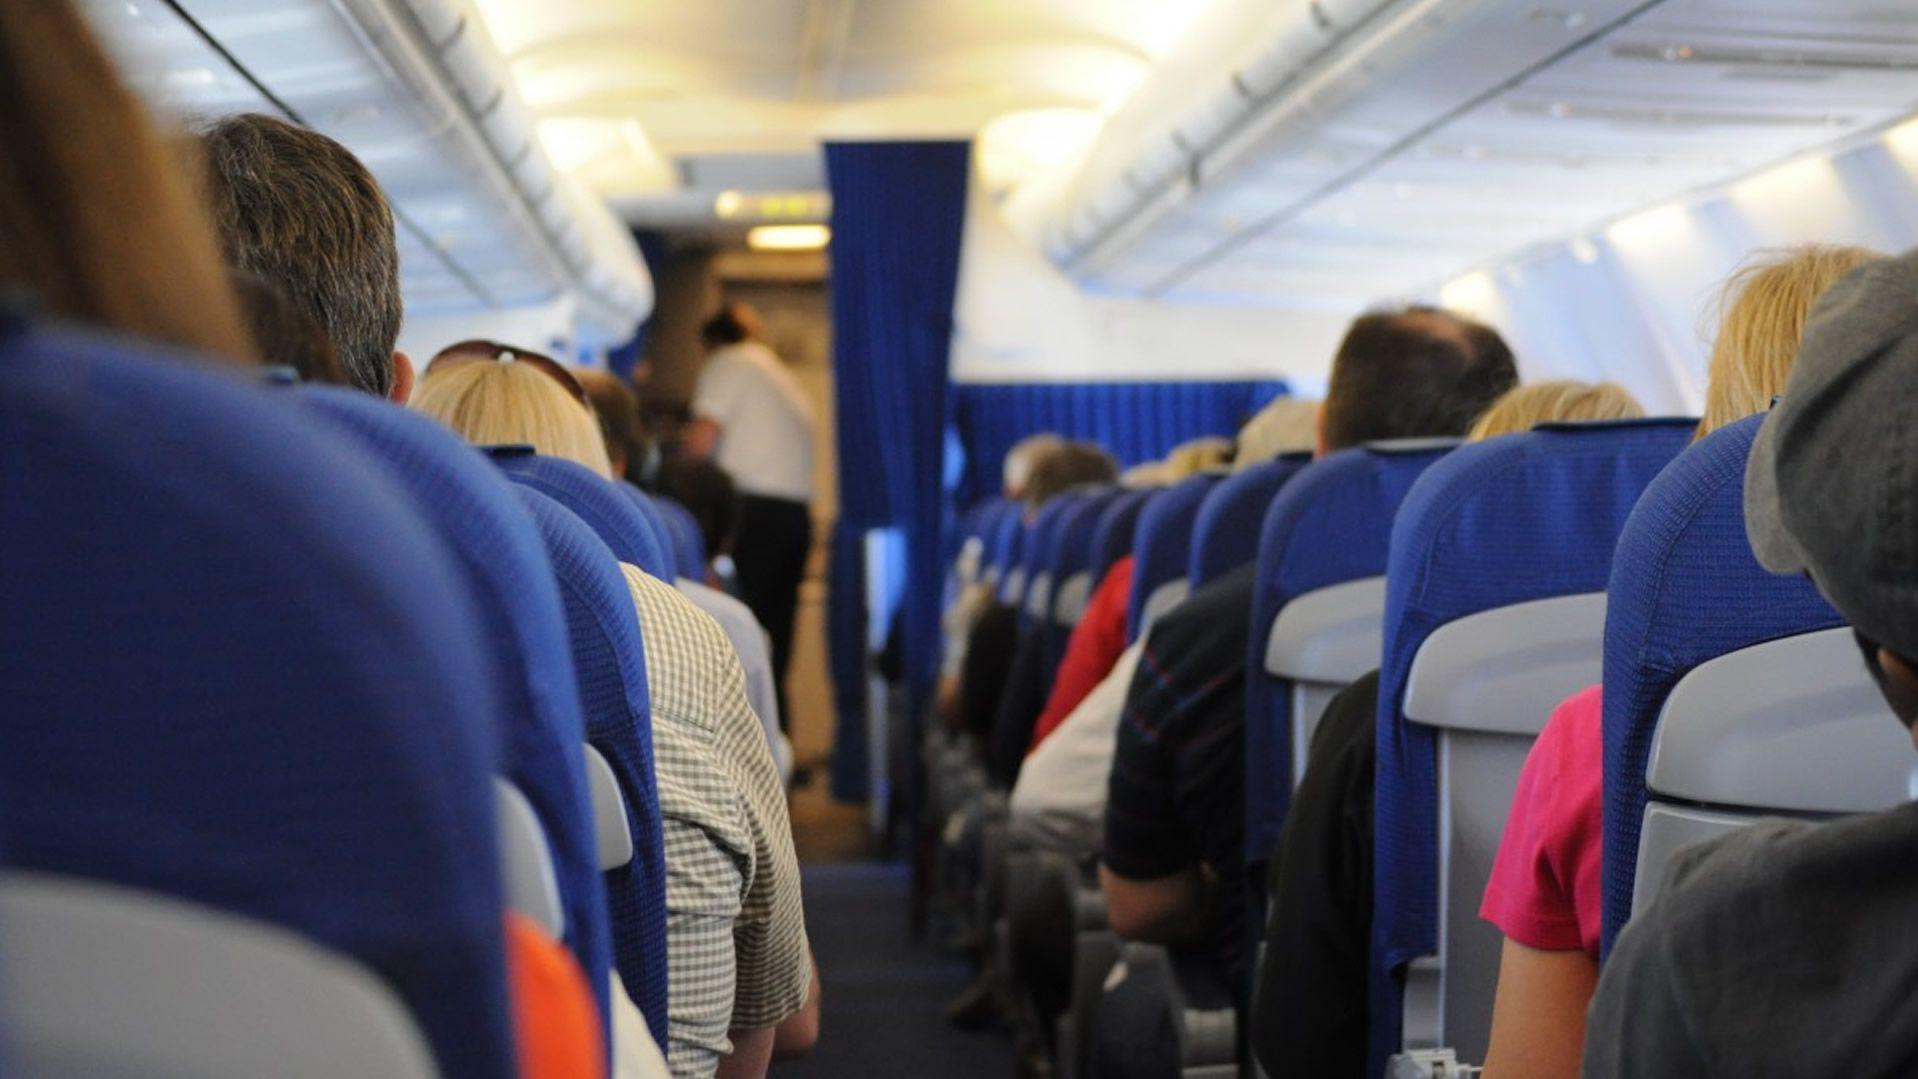 ¿Cuáles son los hábitos que más molestan a los viajeros? Depende del país